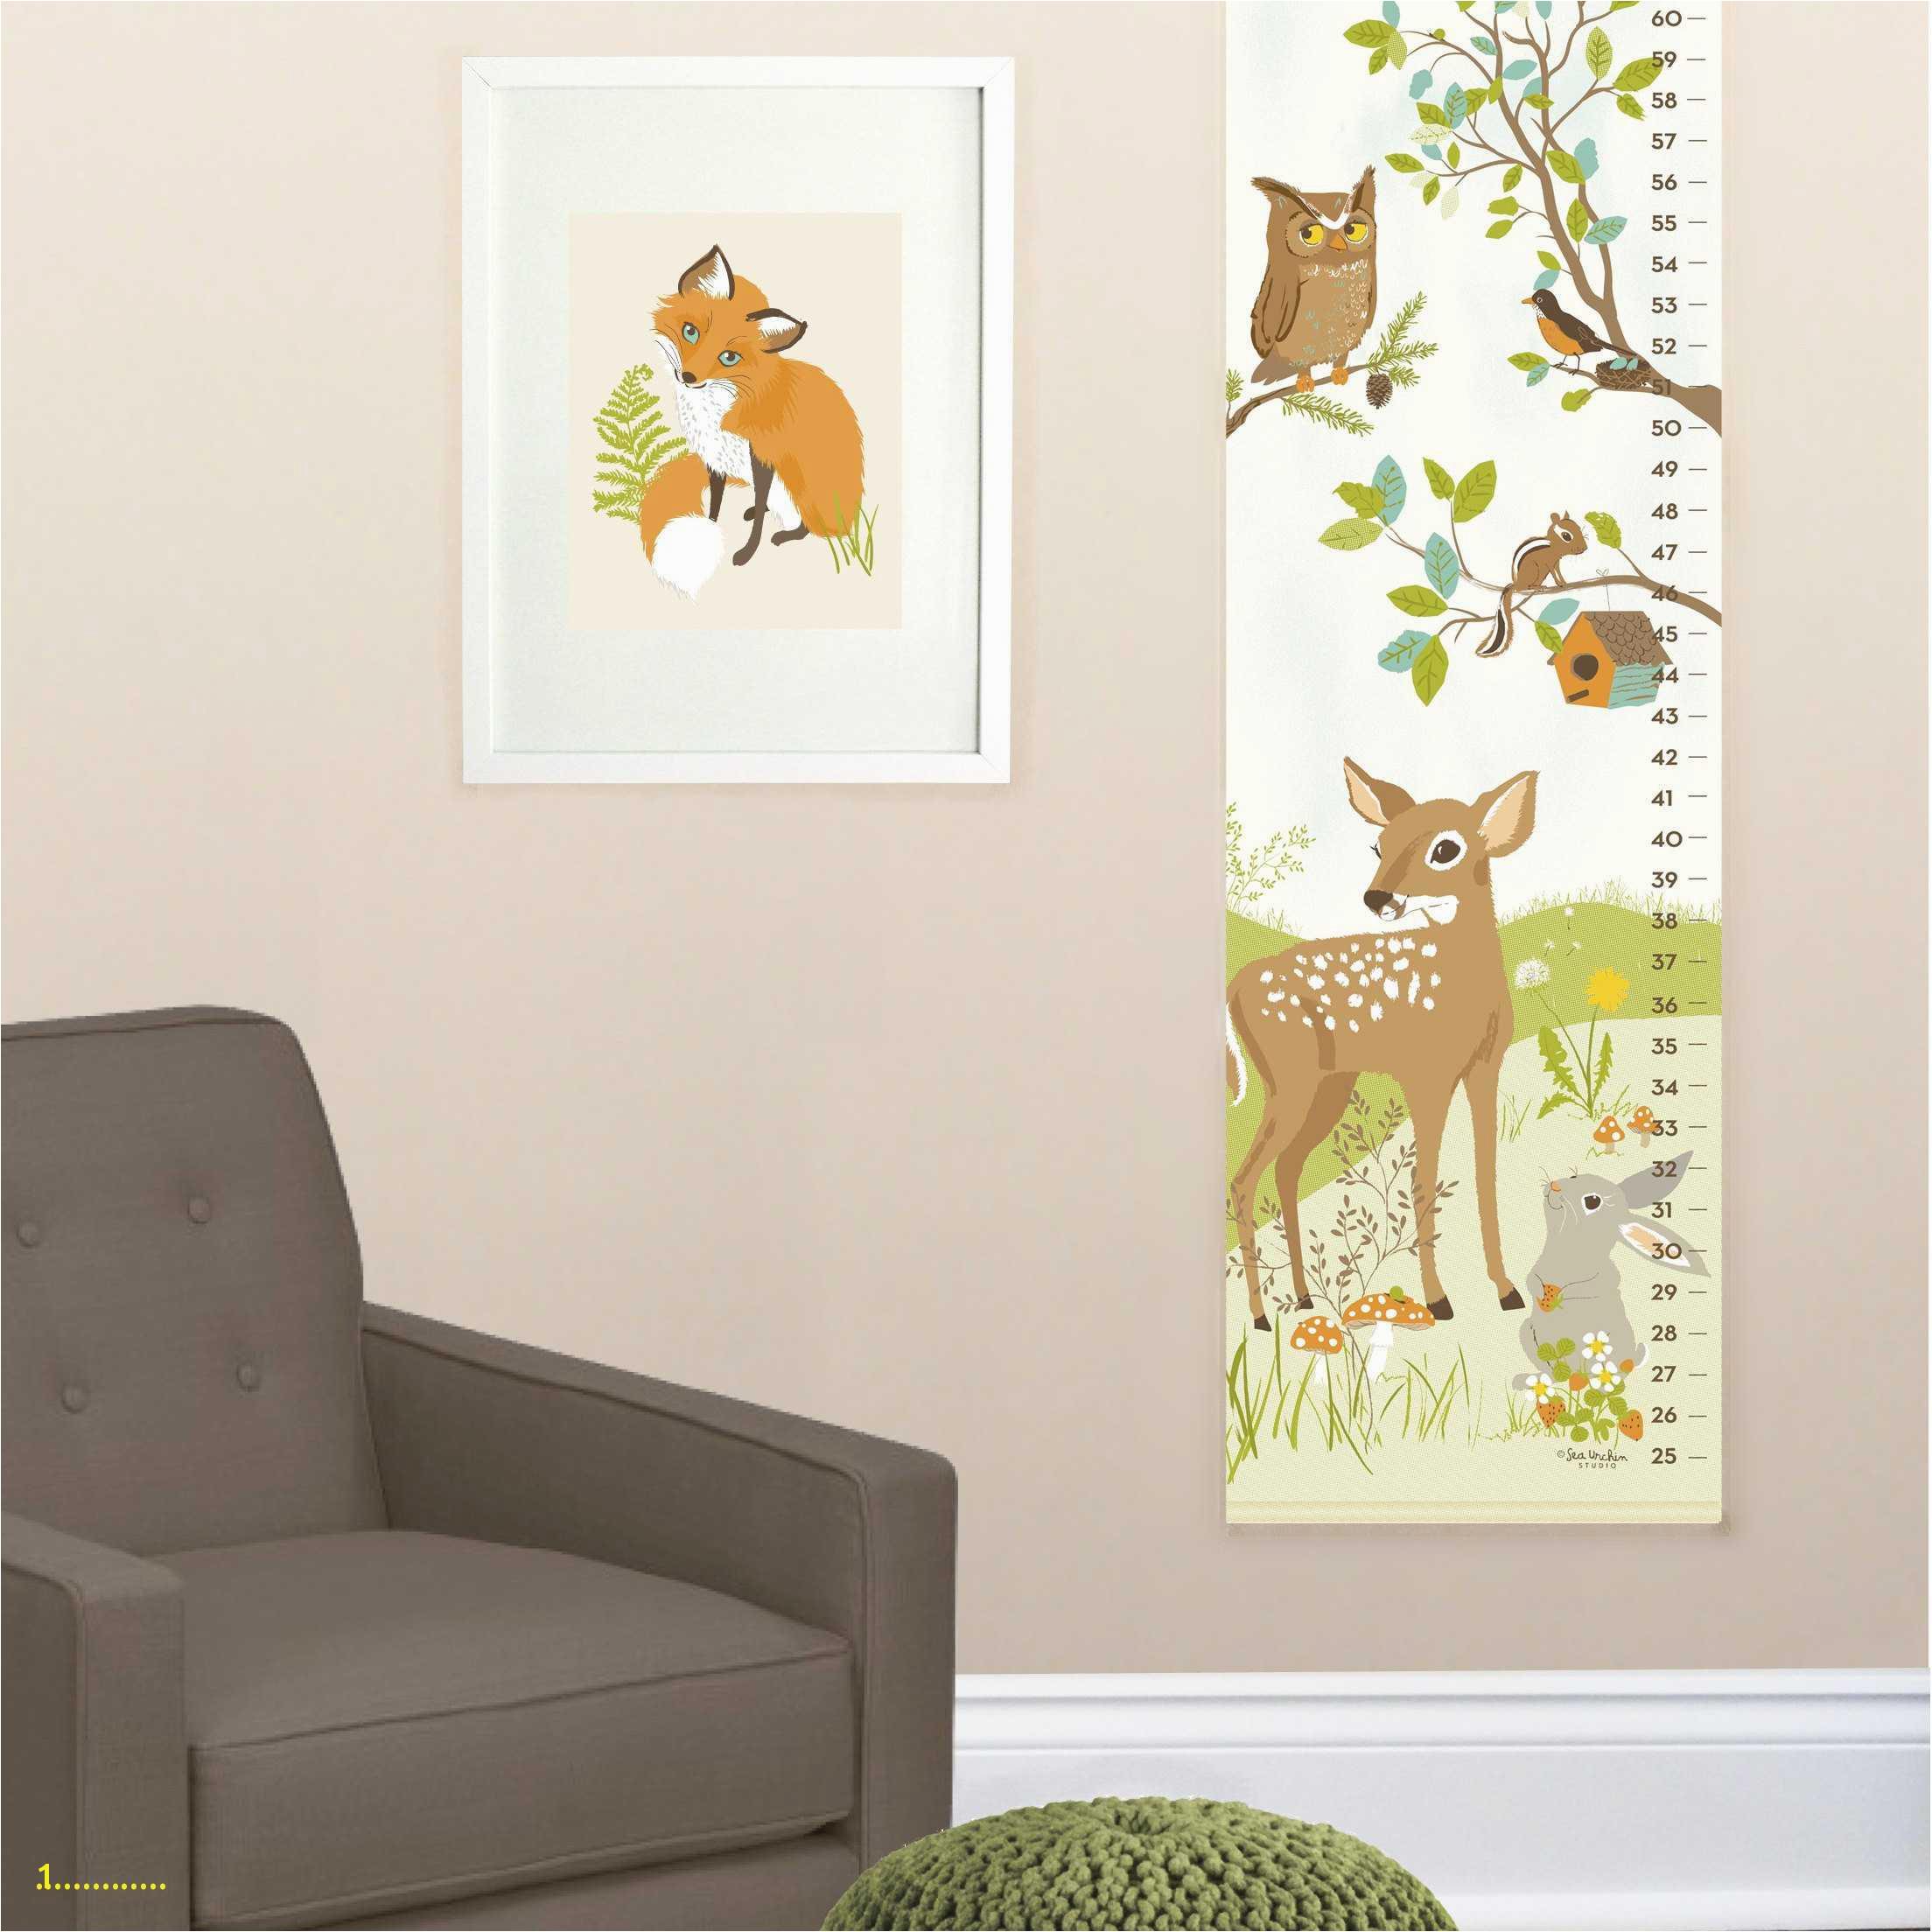 Murals Designs On Walls Fresh Art Wall Mural